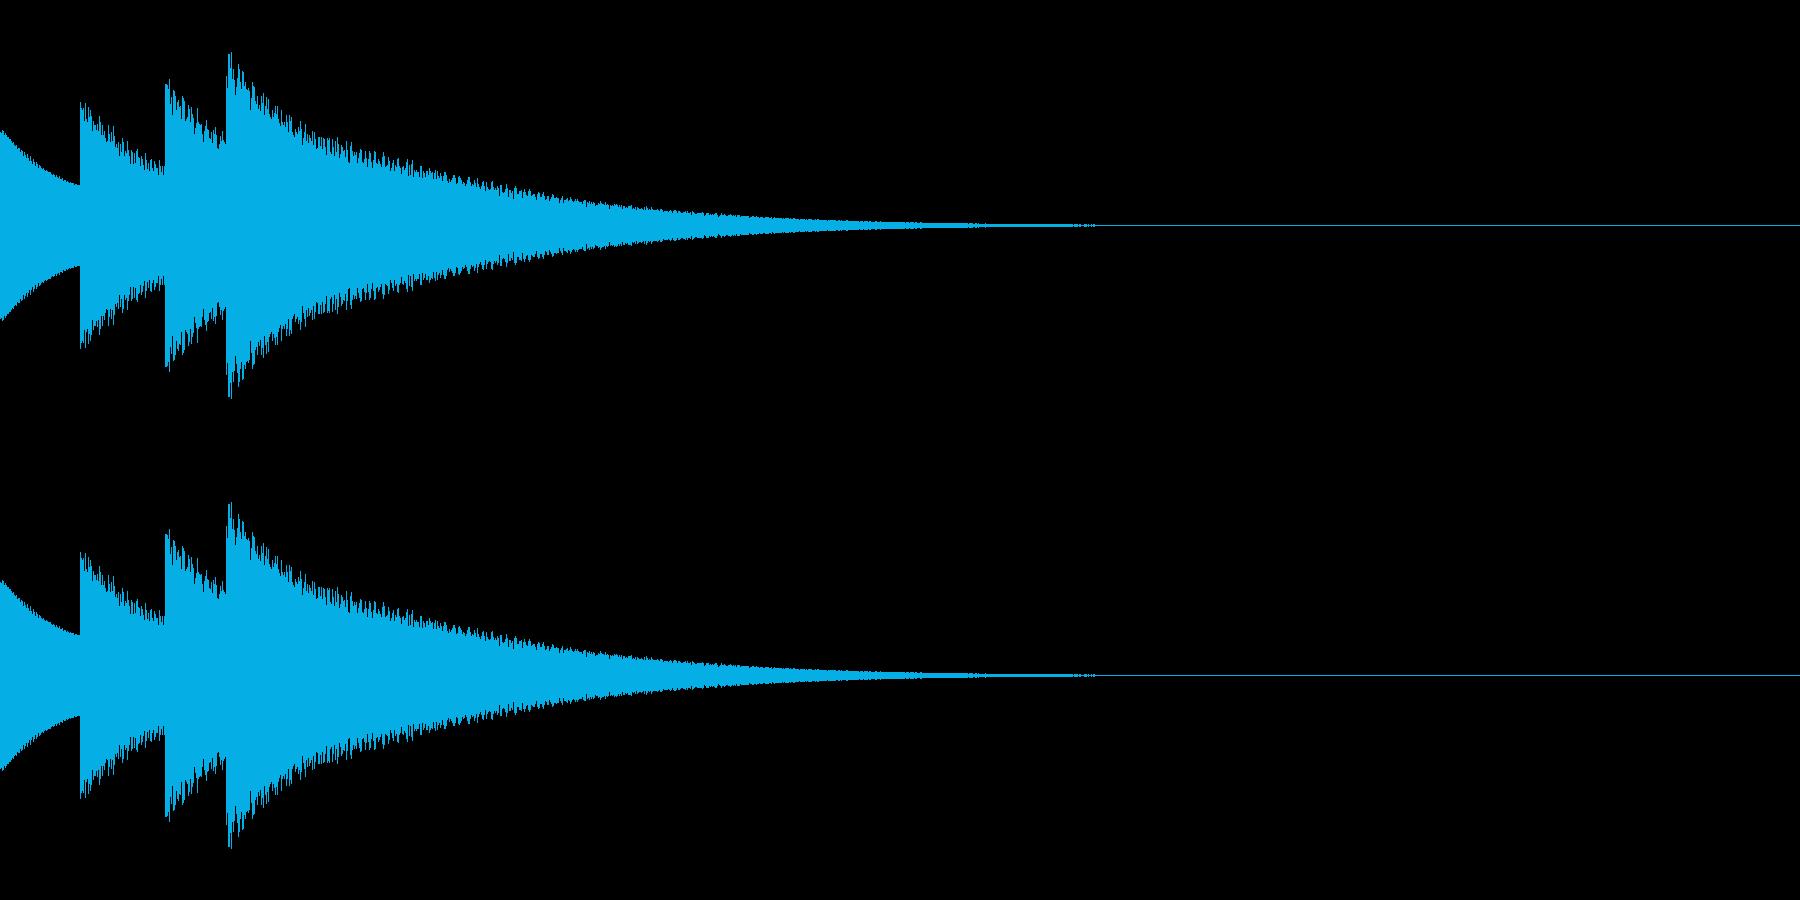 クイズ正解の効果音「ぴんぽんぴんぽーん」の再生済みの波形